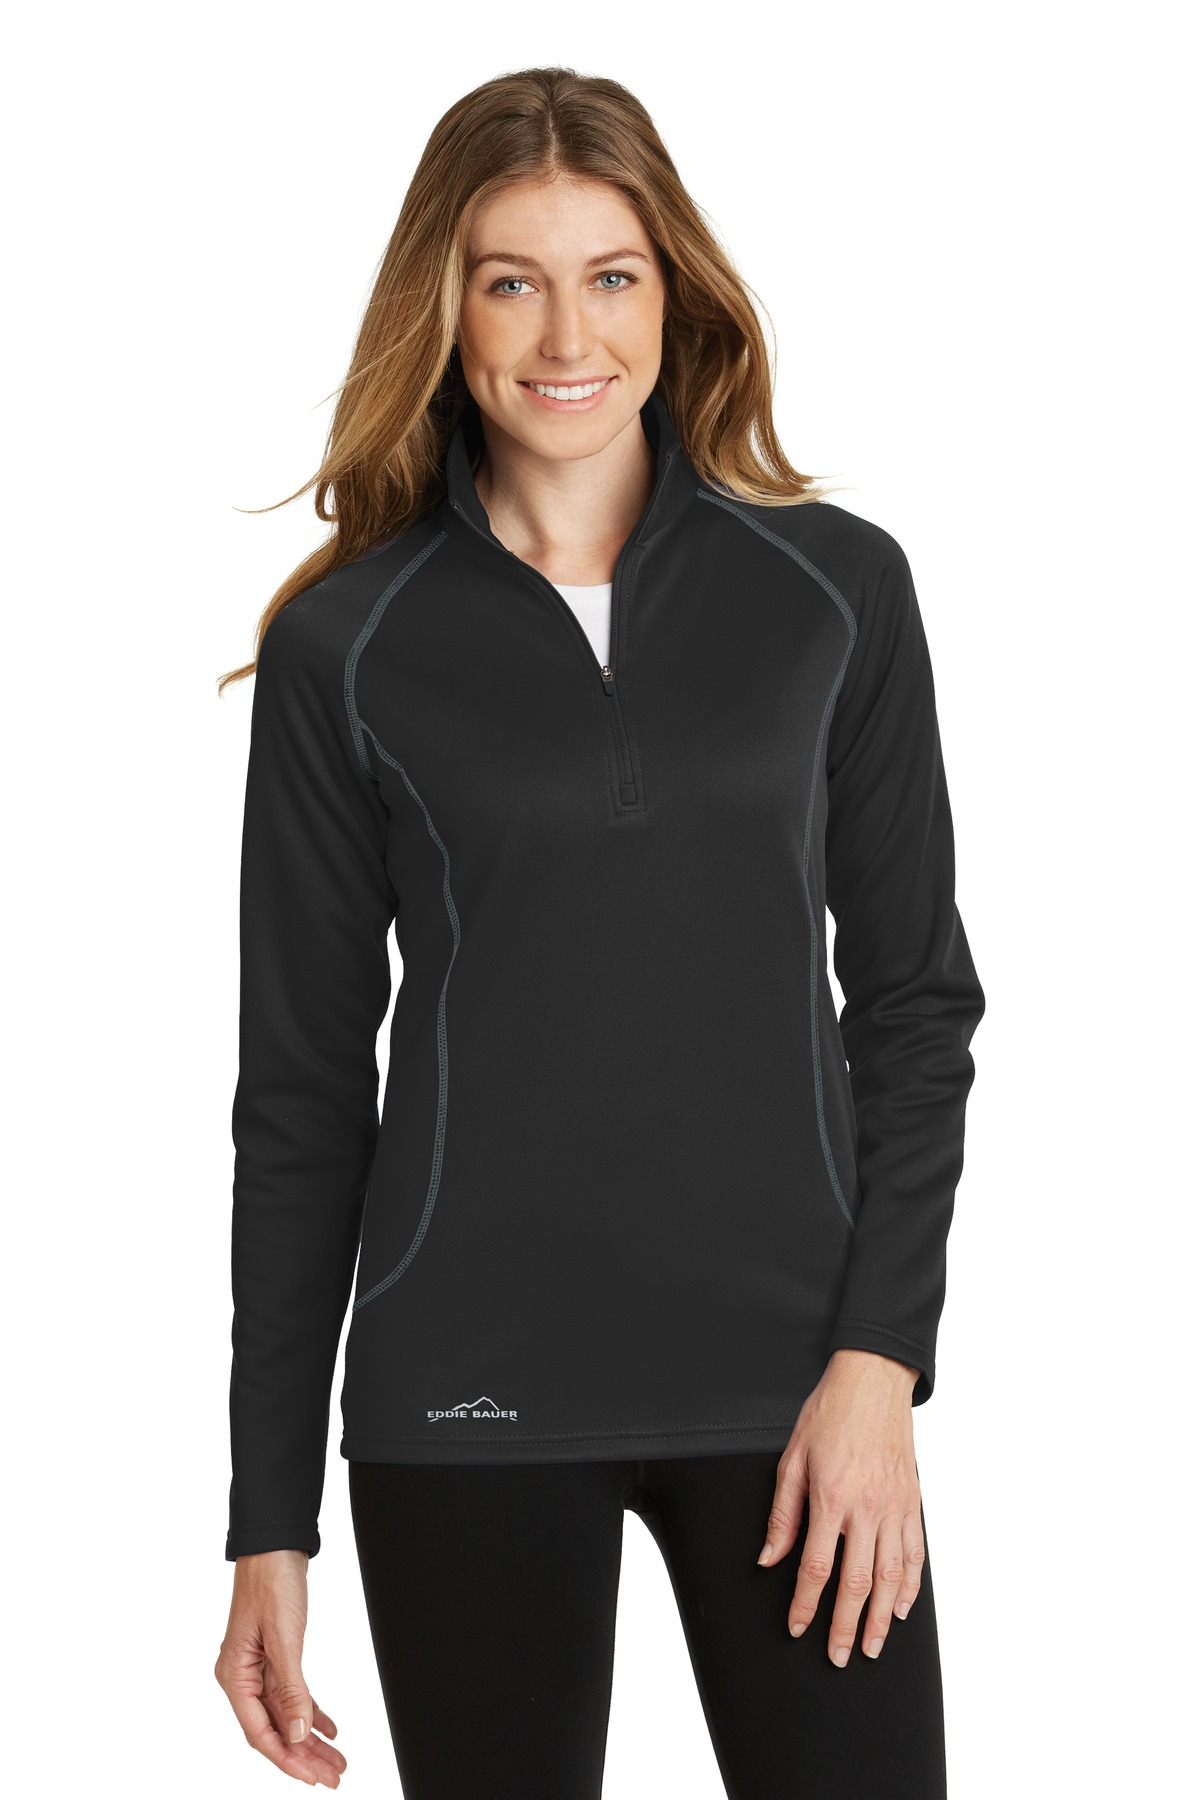 Eddie Bauer® Ladies 1/2-Zip Base Layer Fleece.-Eddie Bauer